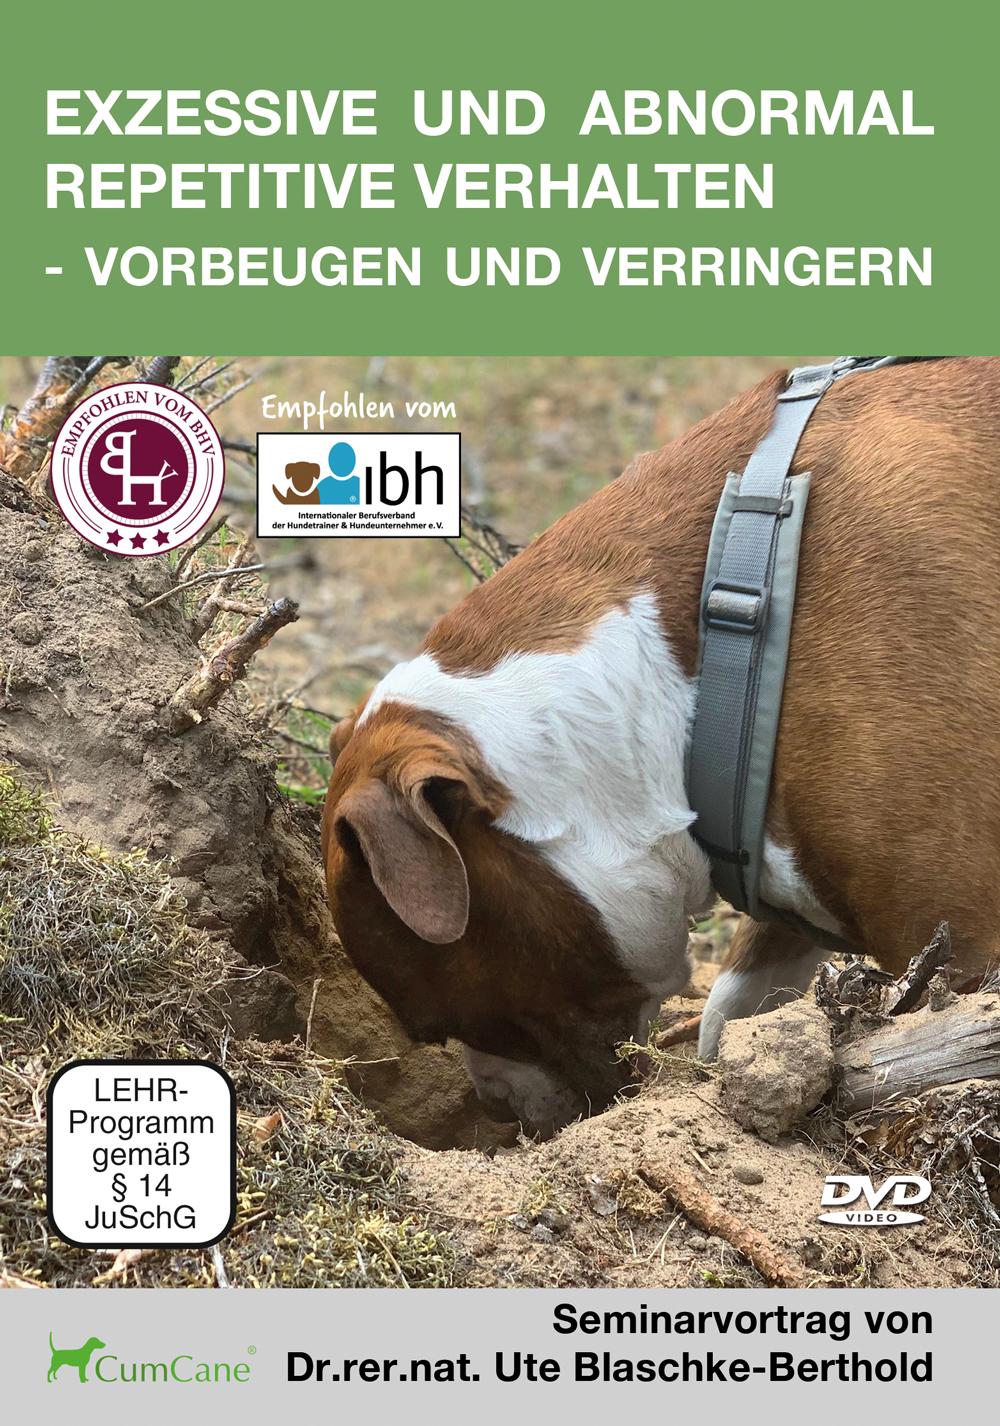 Exzessive und abnormal repetitive Verhalten mit Dr. Ute Blaschke-Berthold